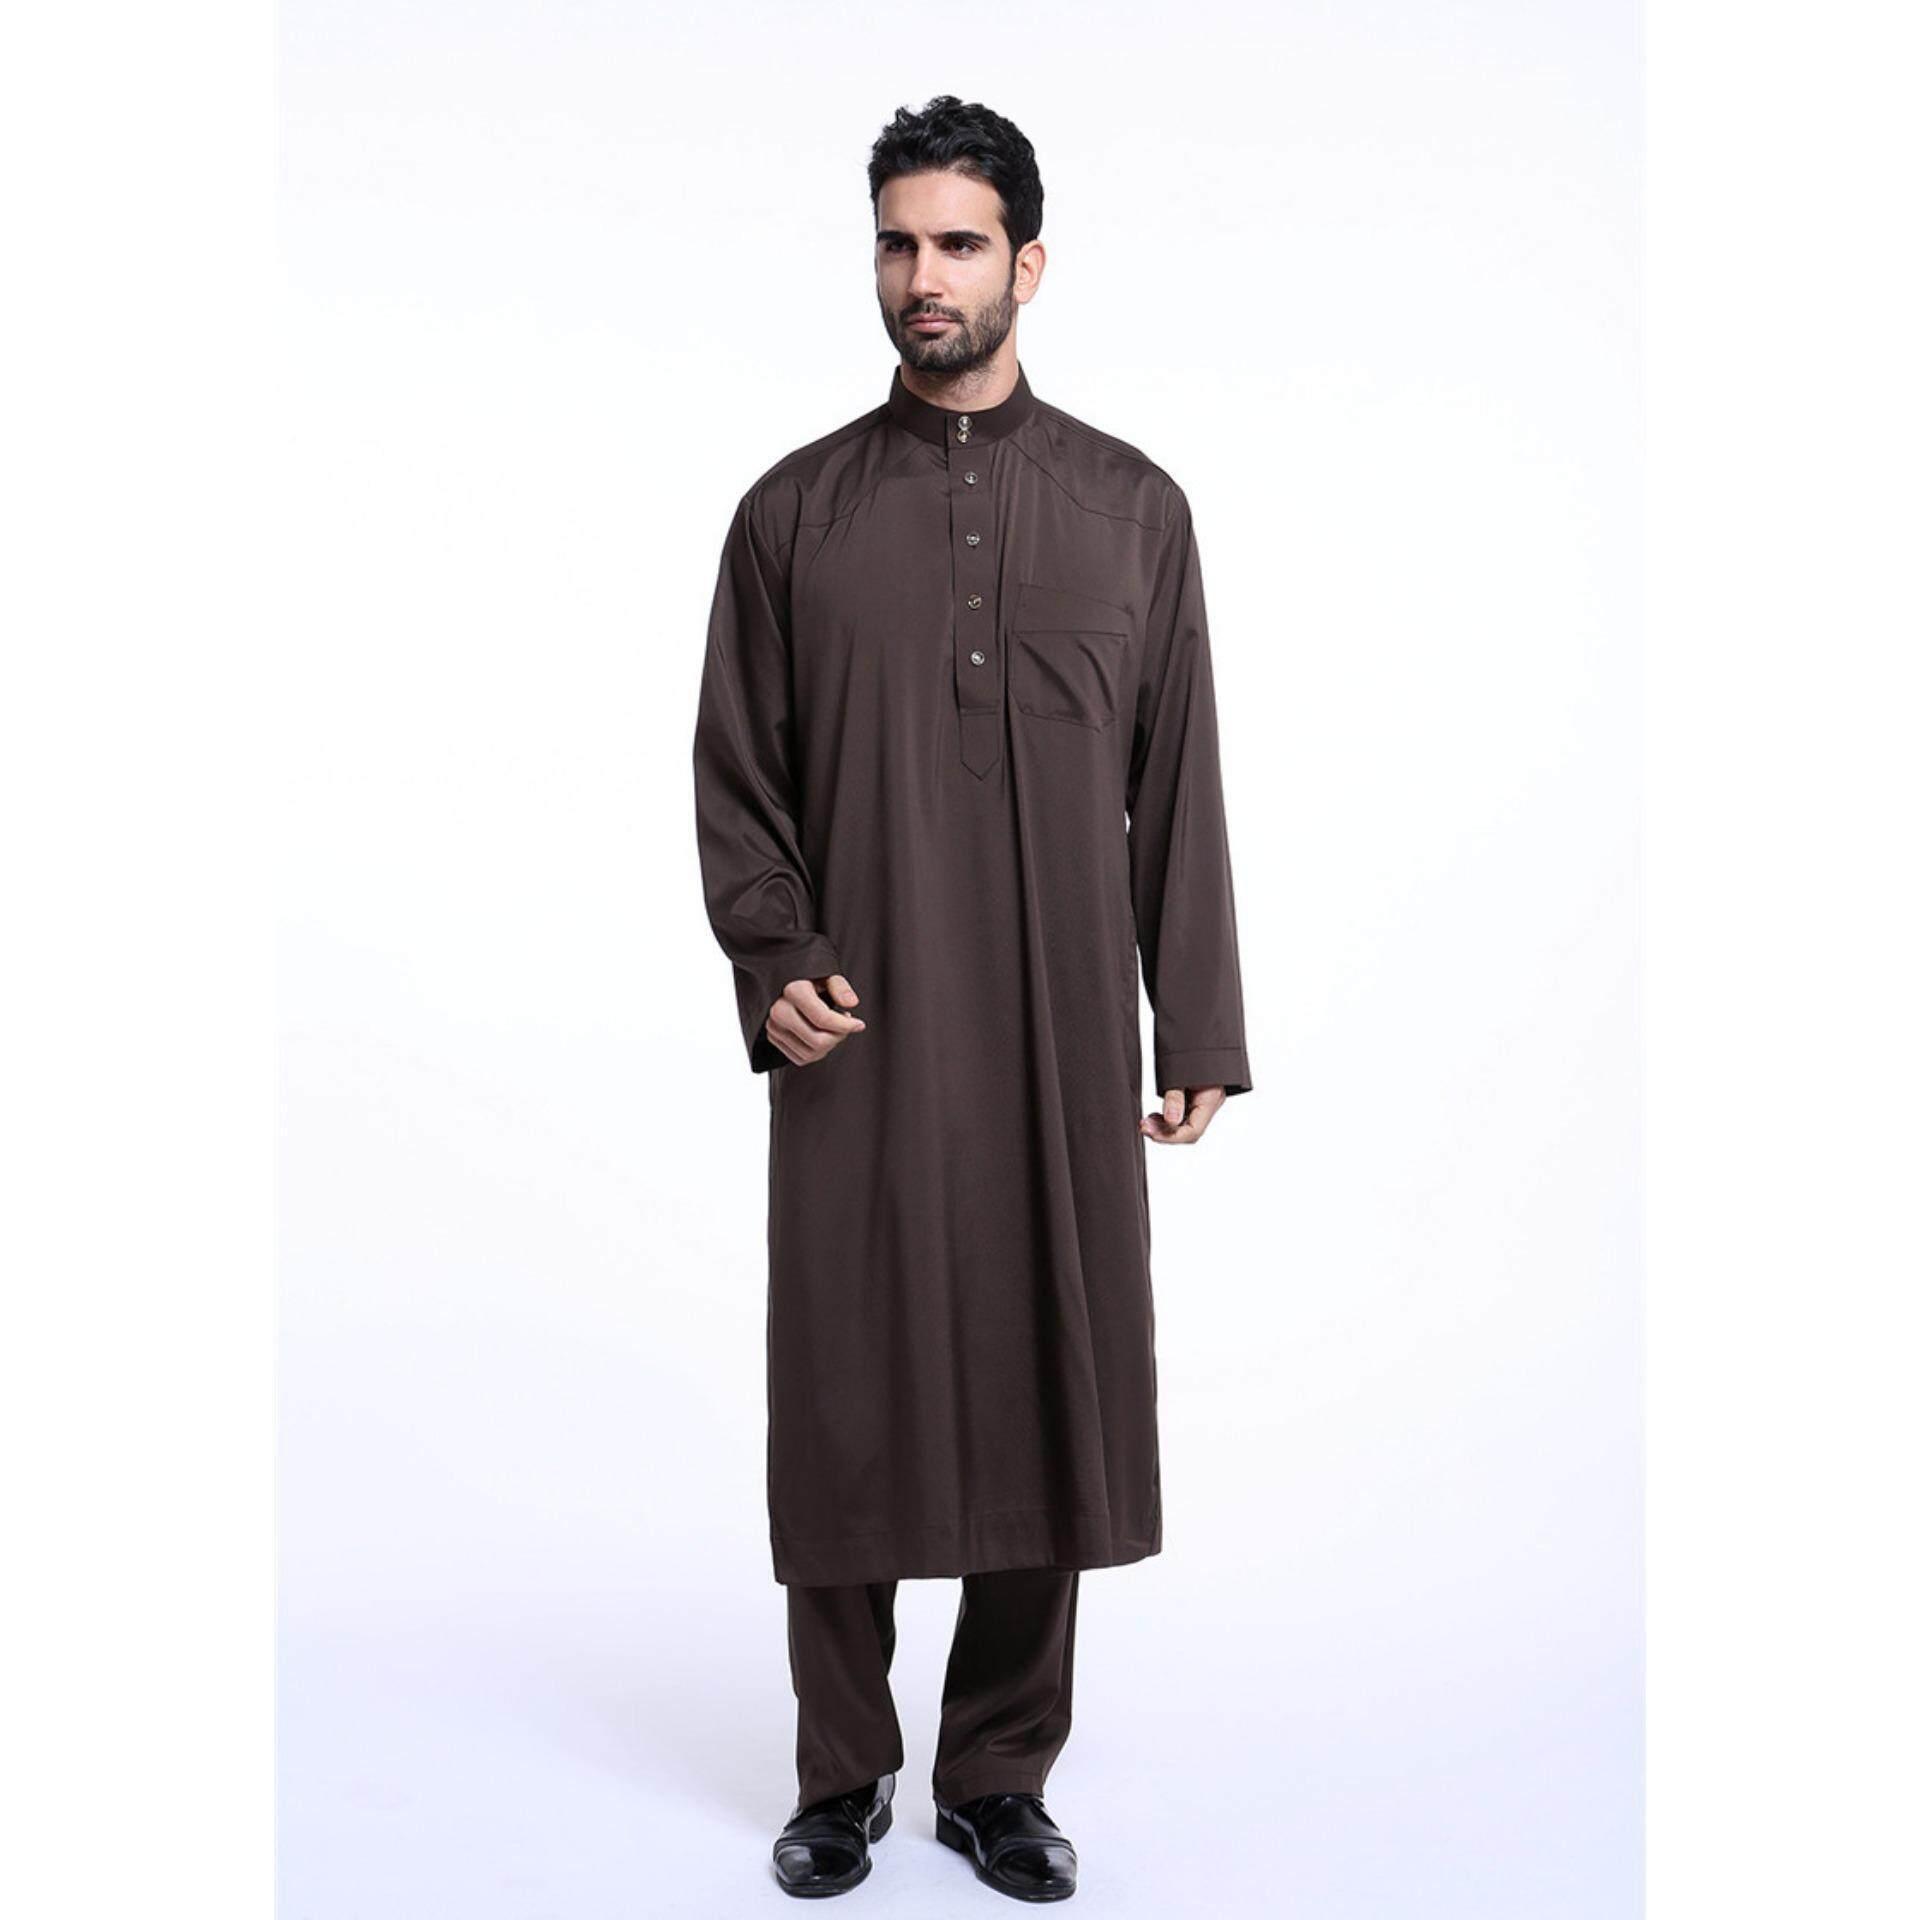 2017 Fashion Men Muslim Wear Muslimin Shirts Poly cotton Shirt Collar Shirt + trousers suit Coffee - intl